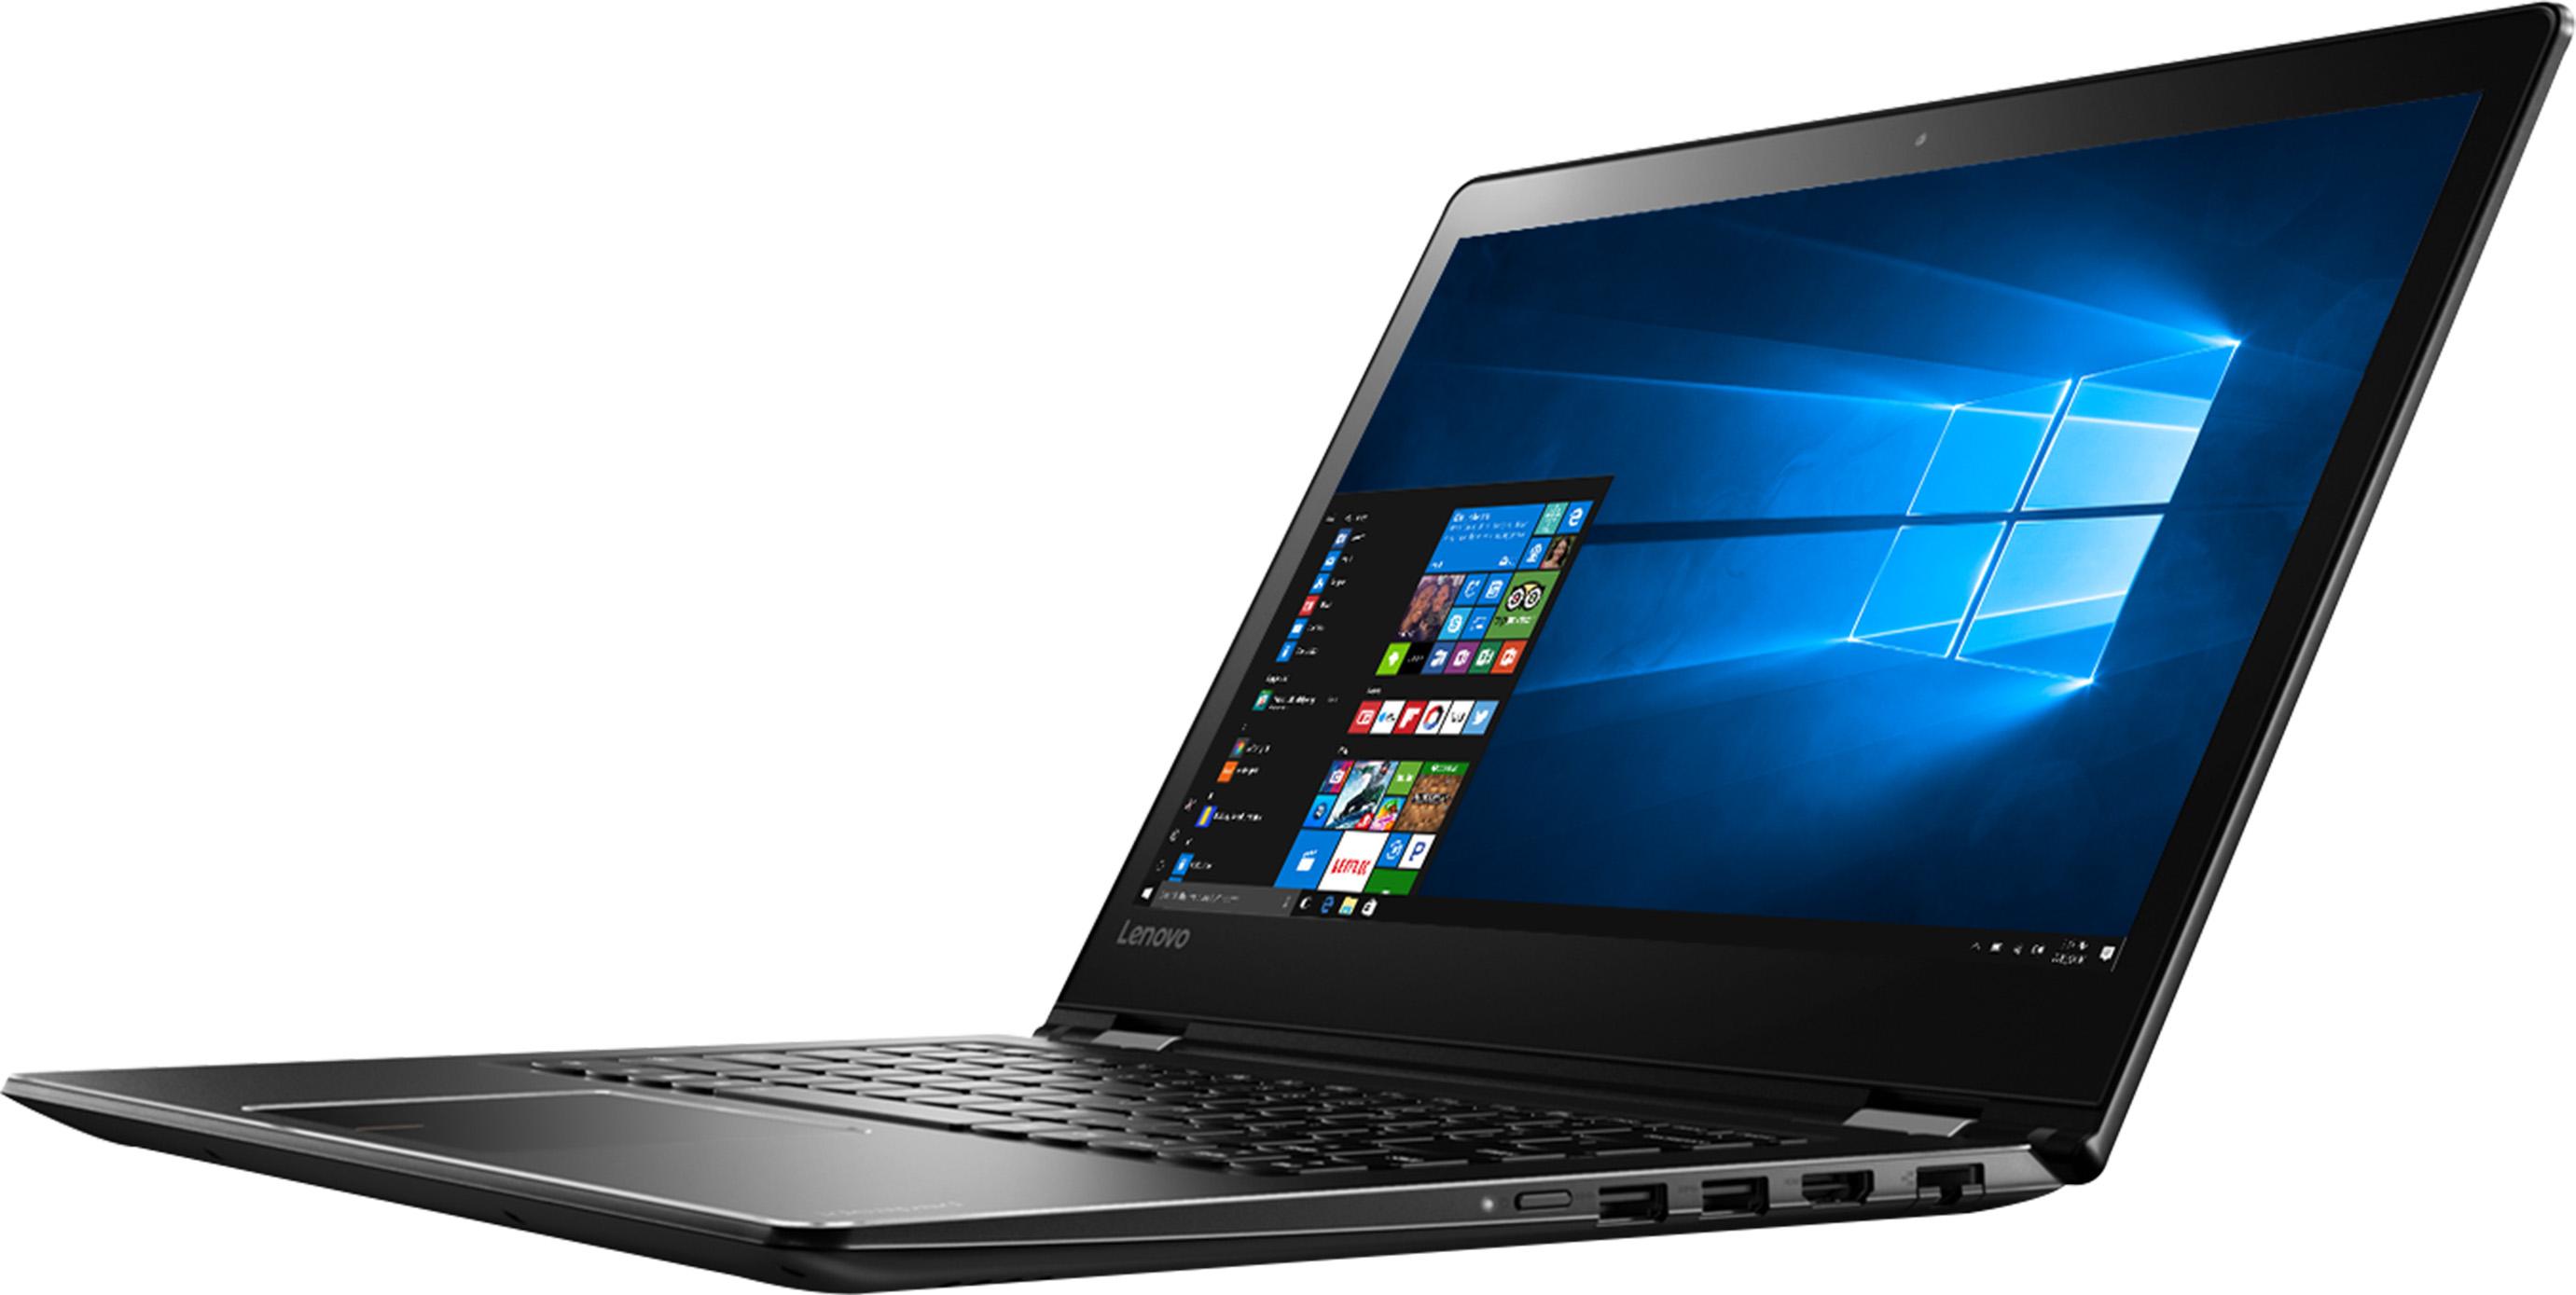 Lenovo Flex 4-1470 80SA Signature Edition 2 in 1 PC